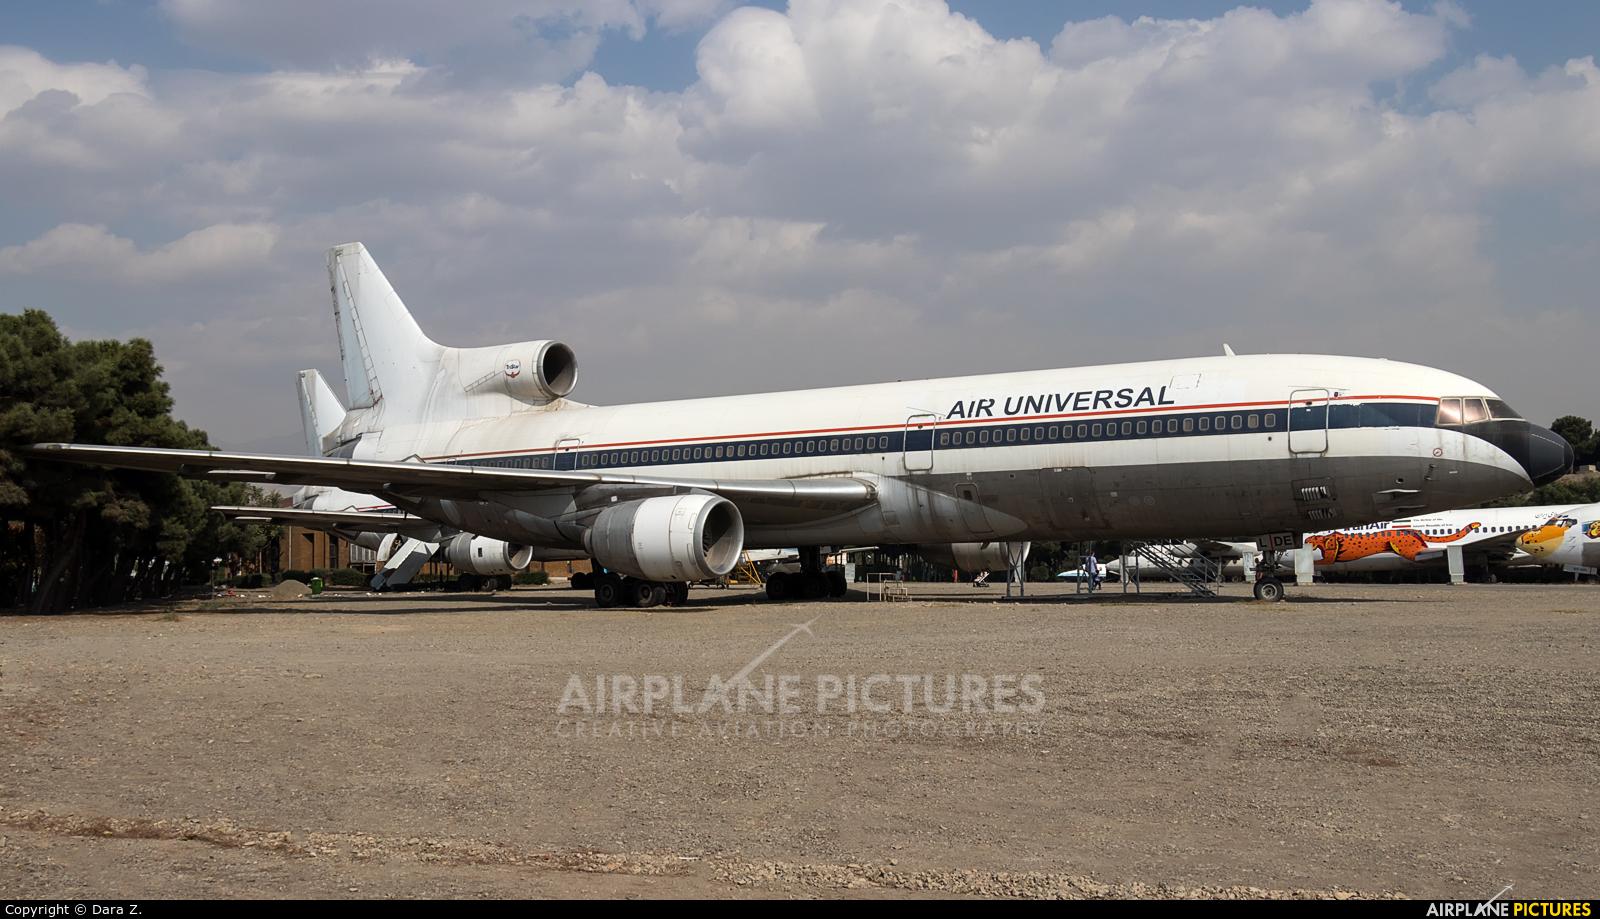 Air Universal 9L-LDE aircraft at Tehran - Mehrabad Intl